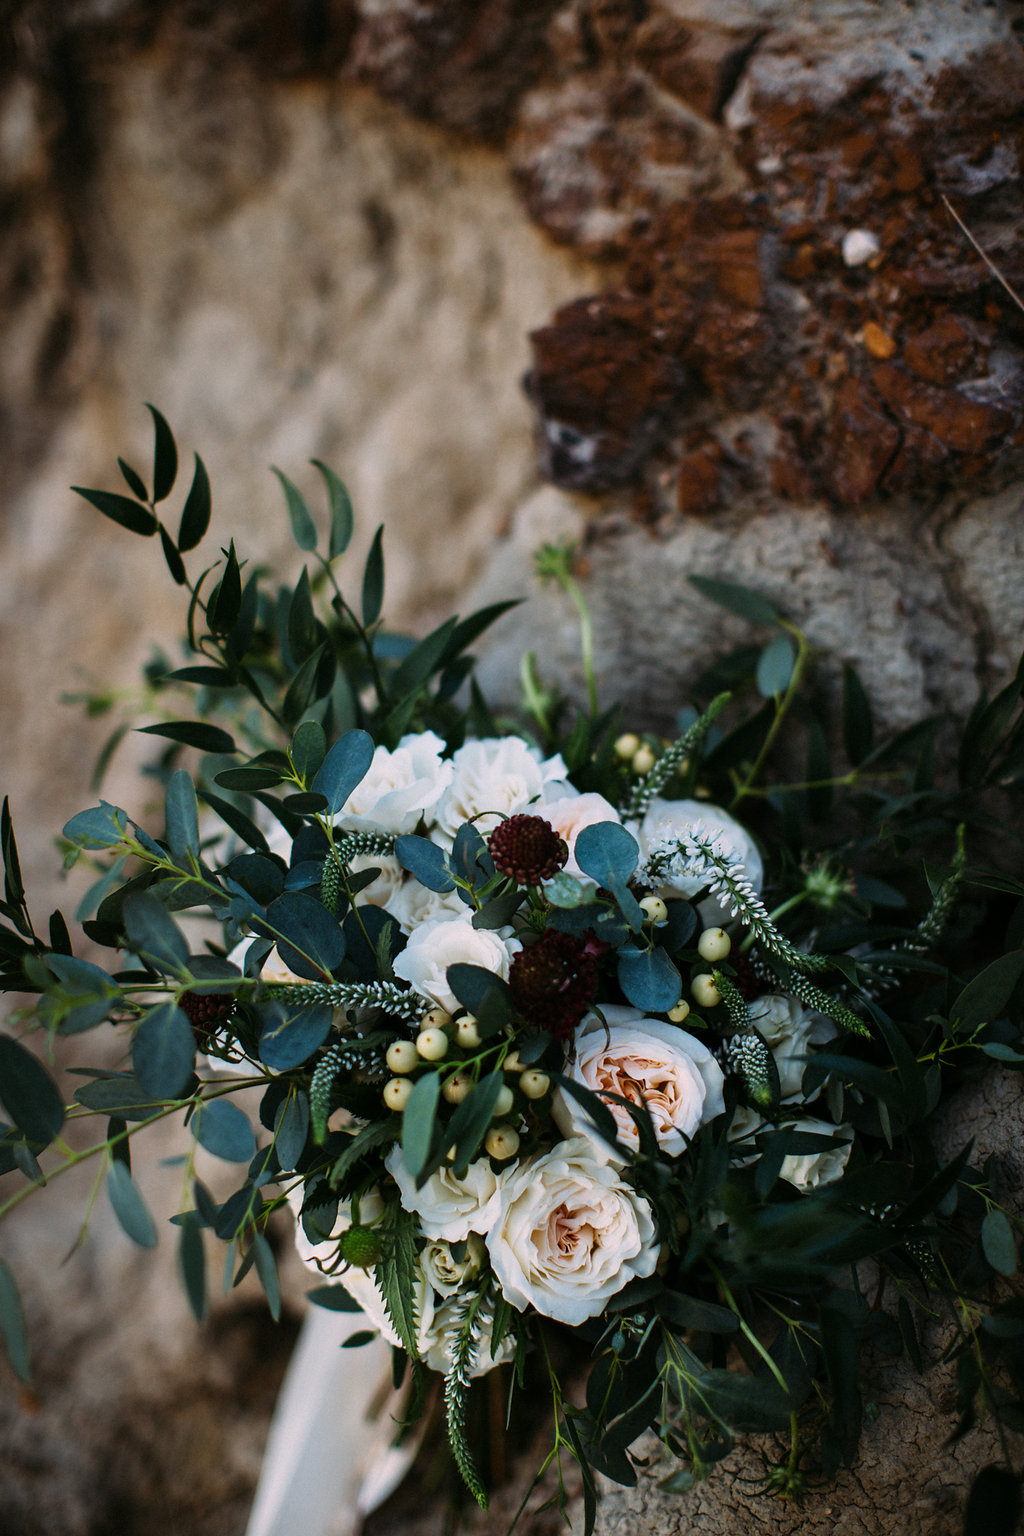 wedding florist based in calgary, alberta making rustic wedding flower arrangements